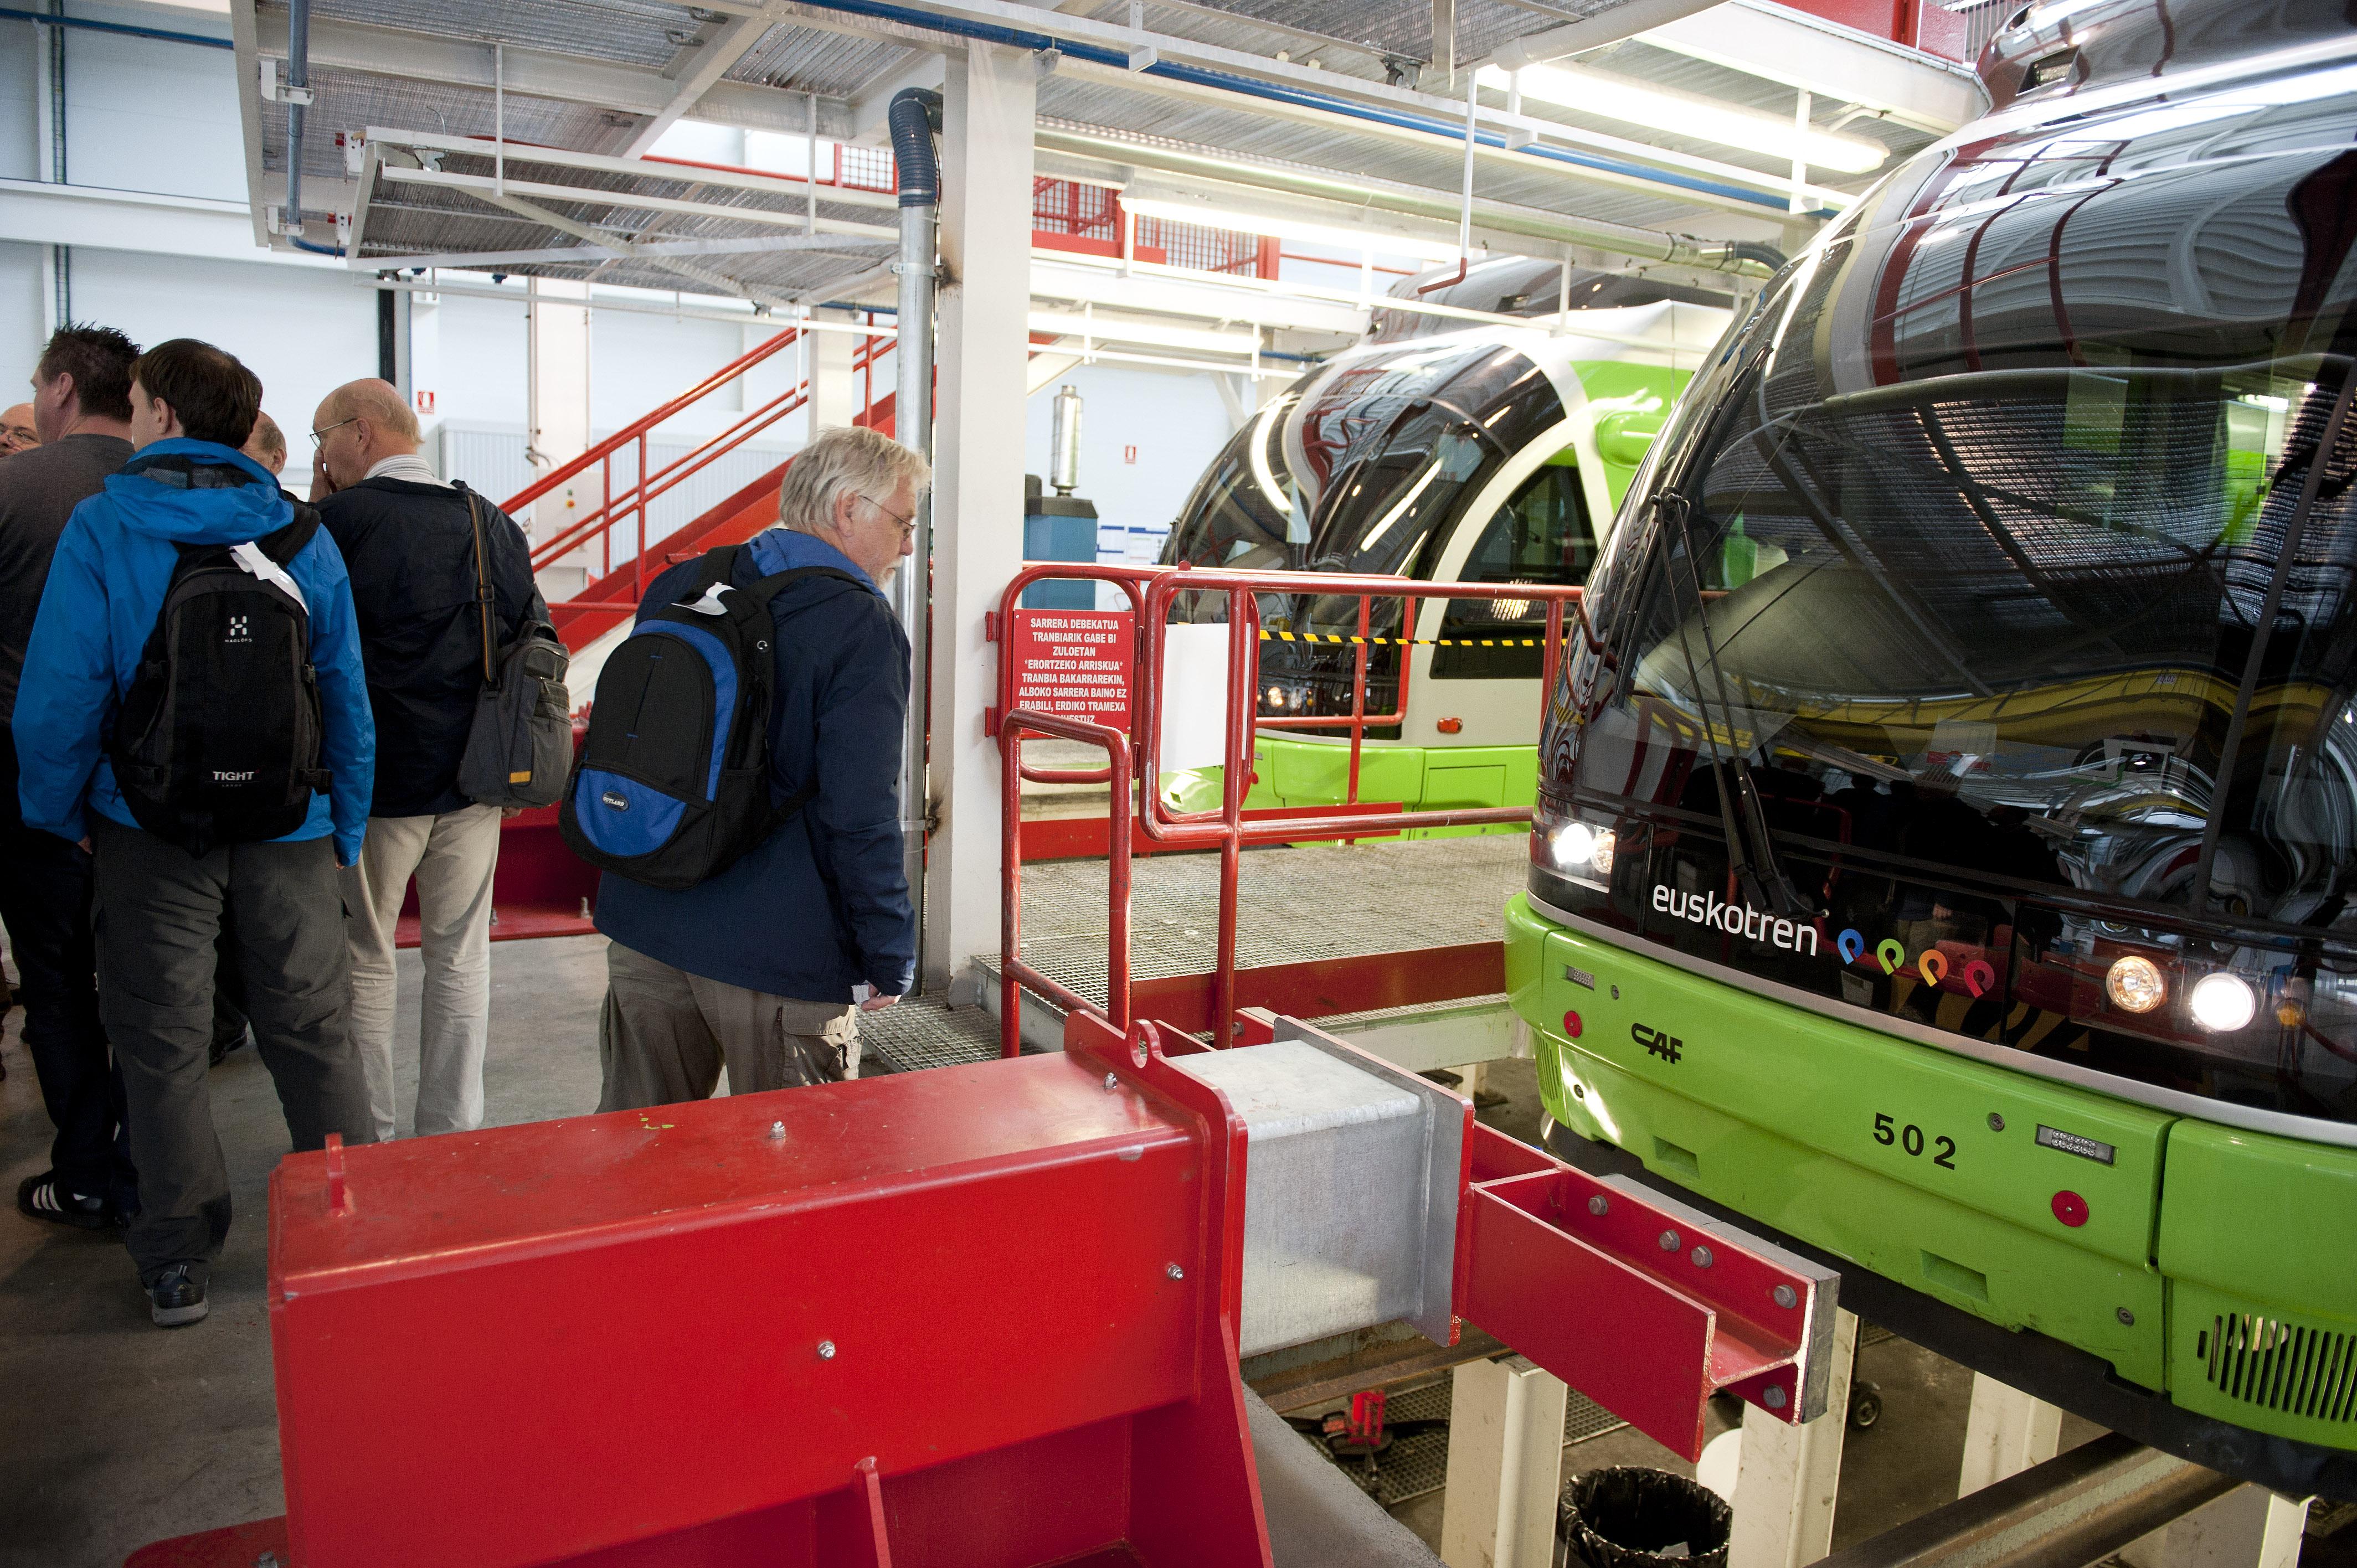 2012_10_01_visita_suecos_tranvia_05.jpg